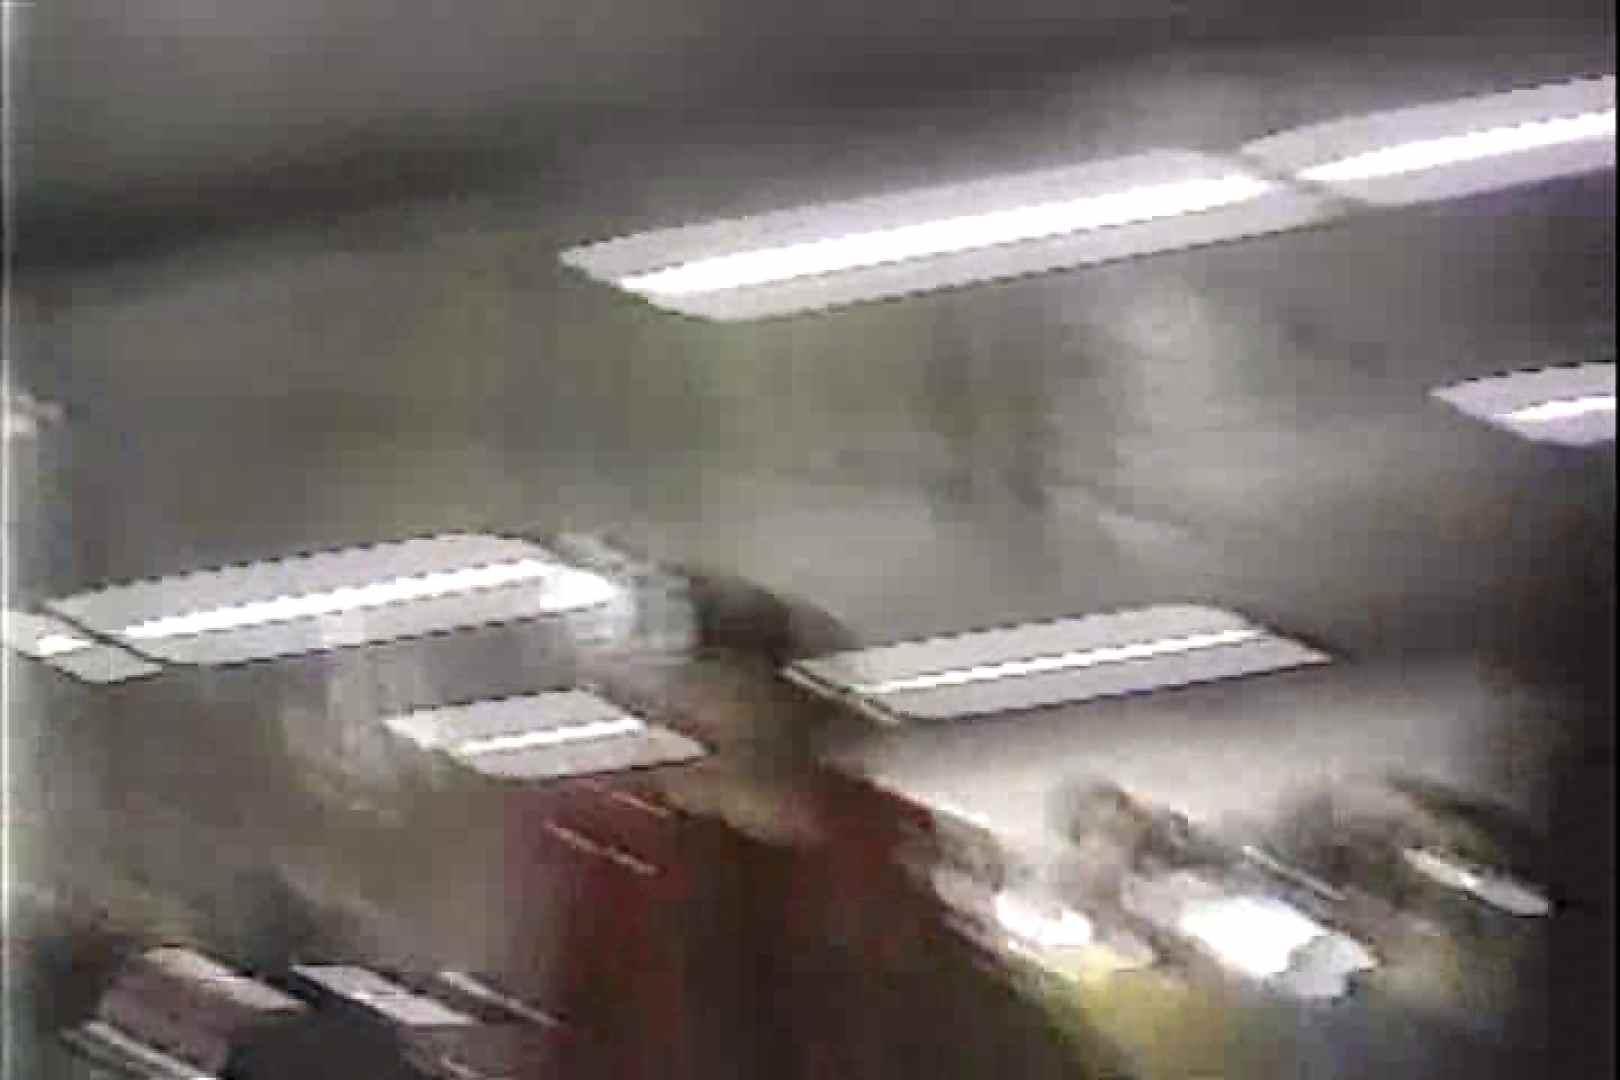 「ちくりん」さんのオリジナル未編集パンチラVol.4_02 お姉さんのヌード おまんこ動画流出 107画像 29